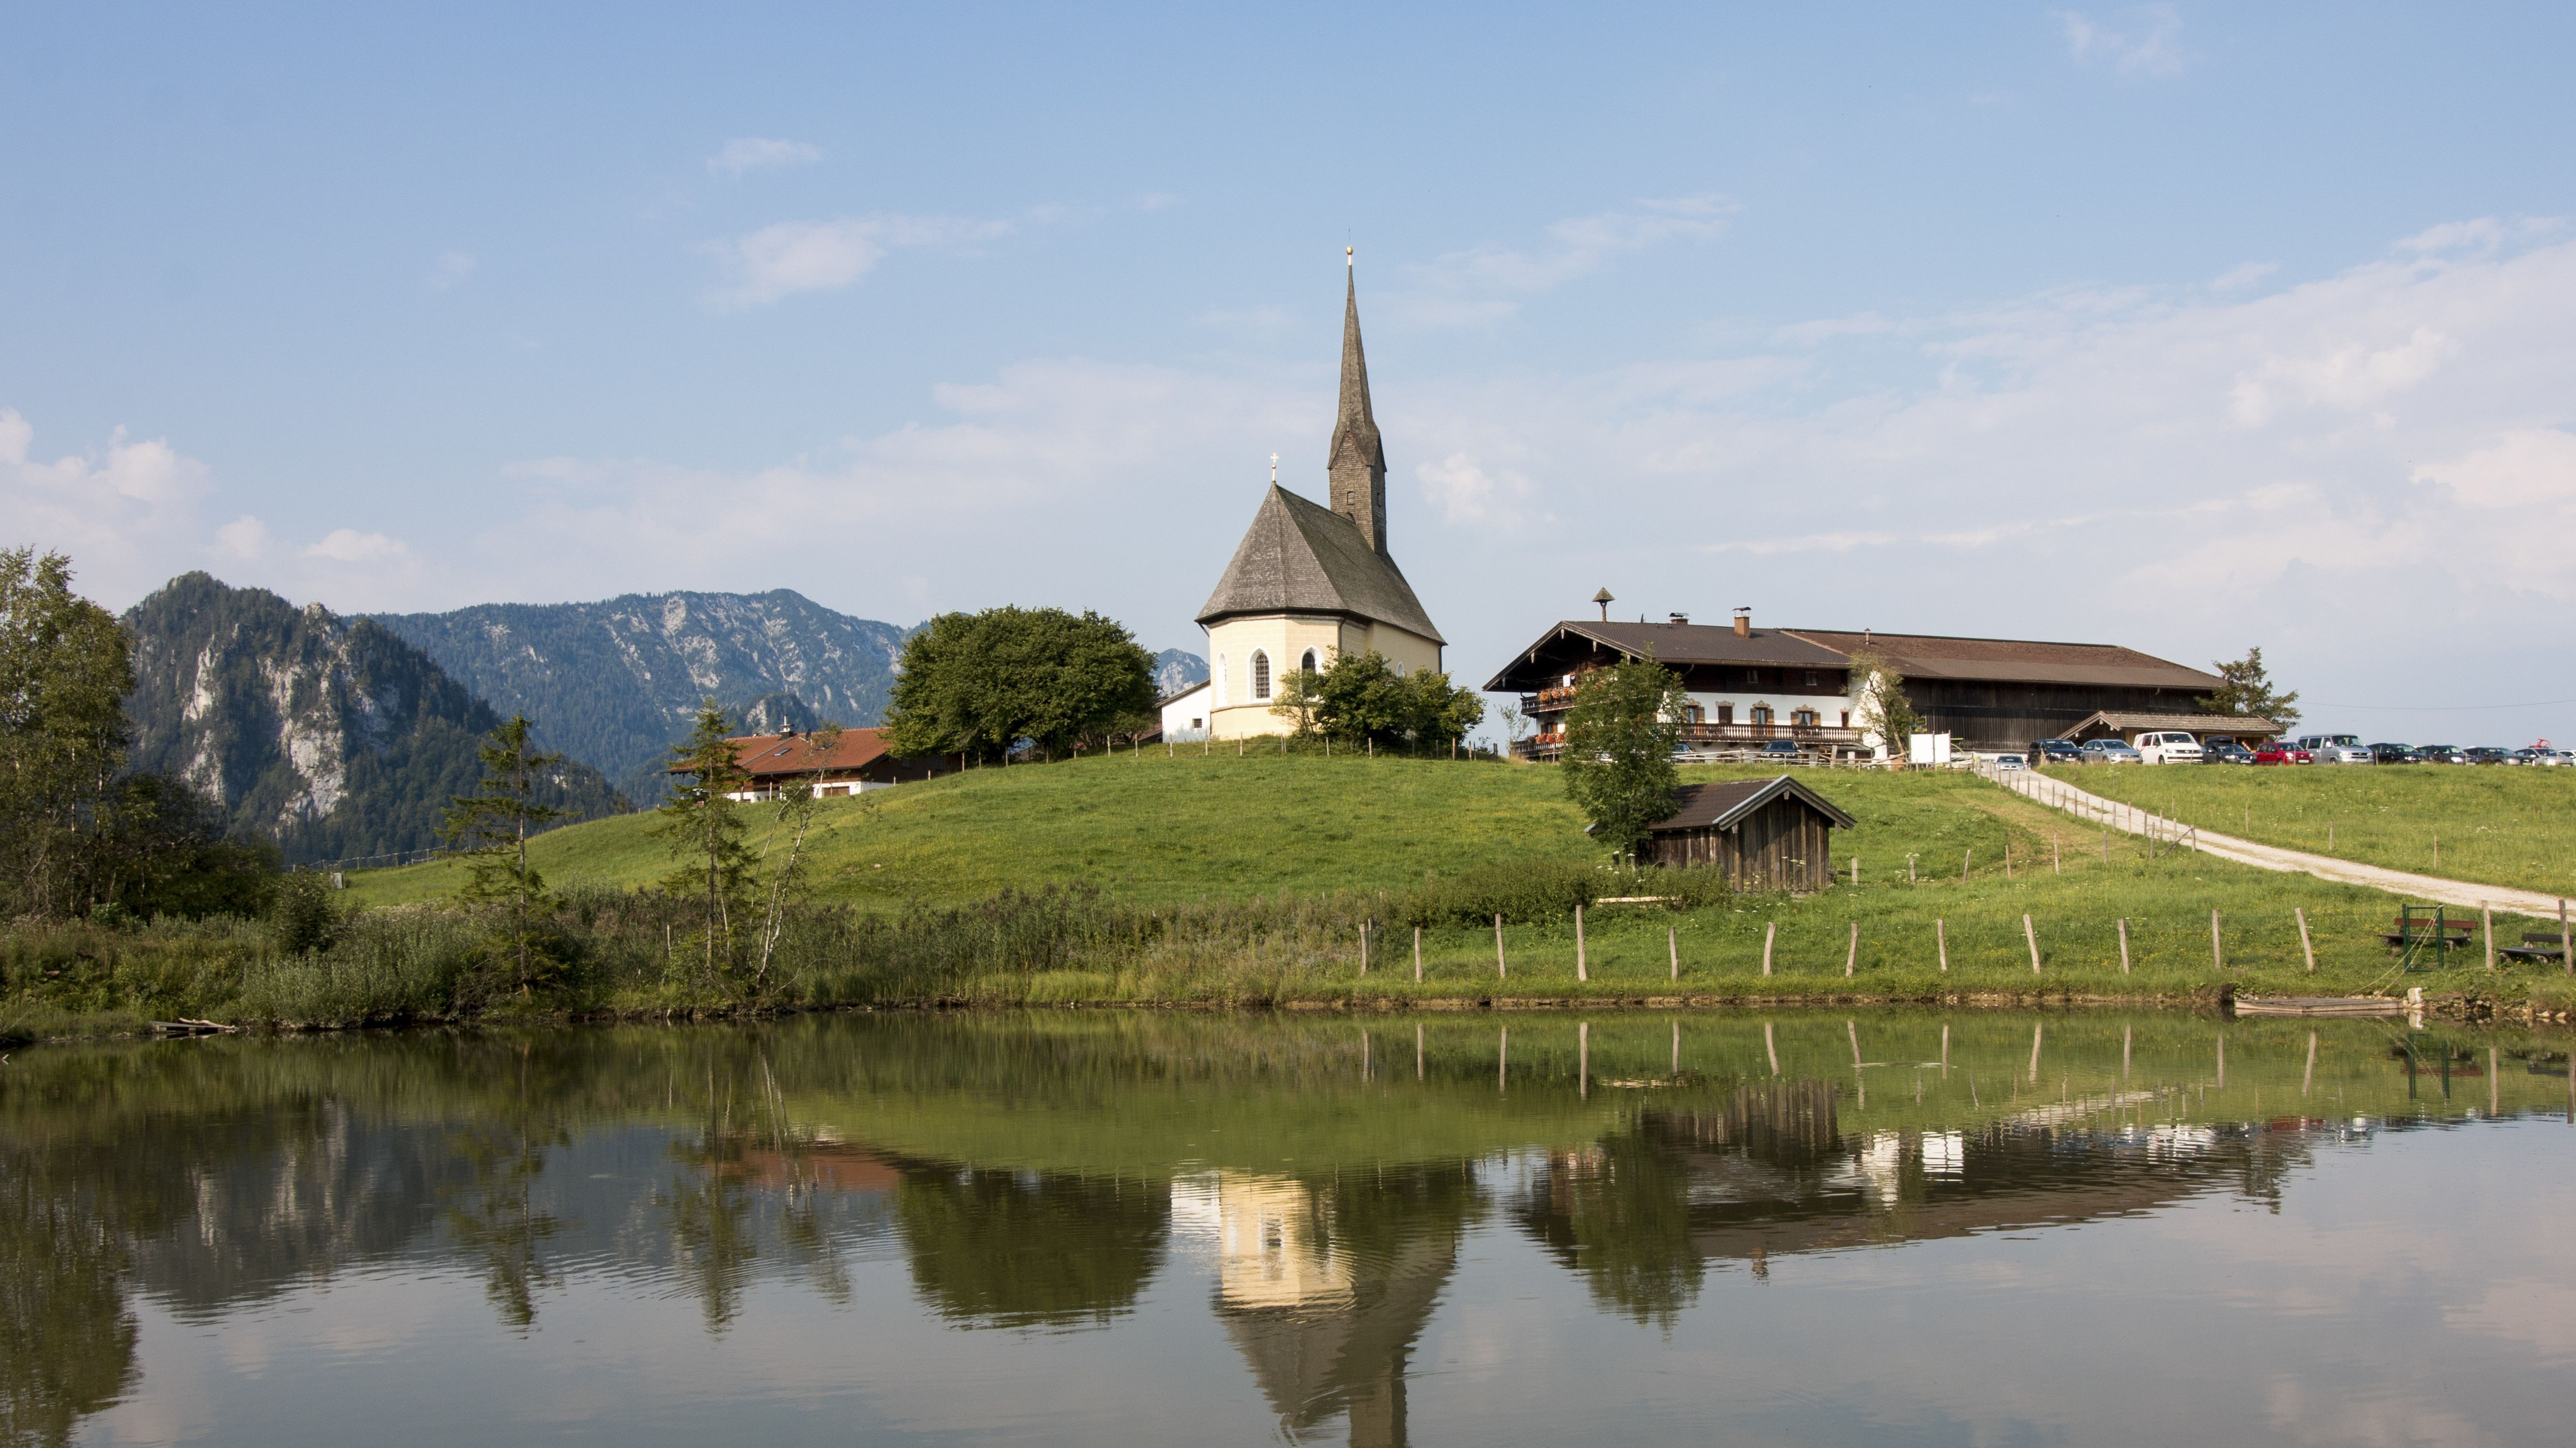 Blick auf die kleine Nikolauskirche in Einsiedl in Inzell mit Weiher im Vordergrund